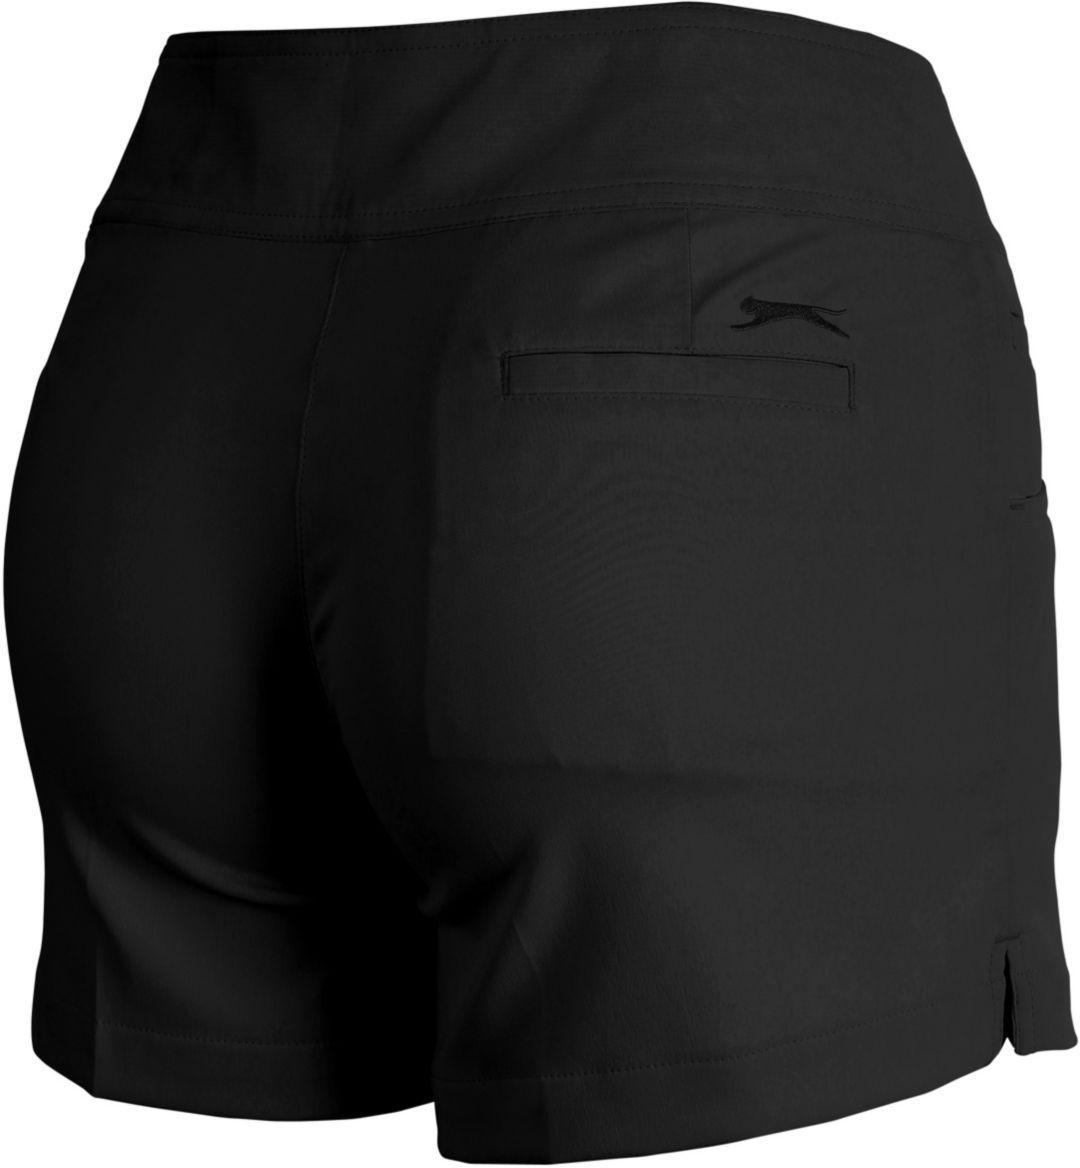 af6d37c41d Slazenger Women's Tech Golf Shorts | DICK'S Sporting Goods